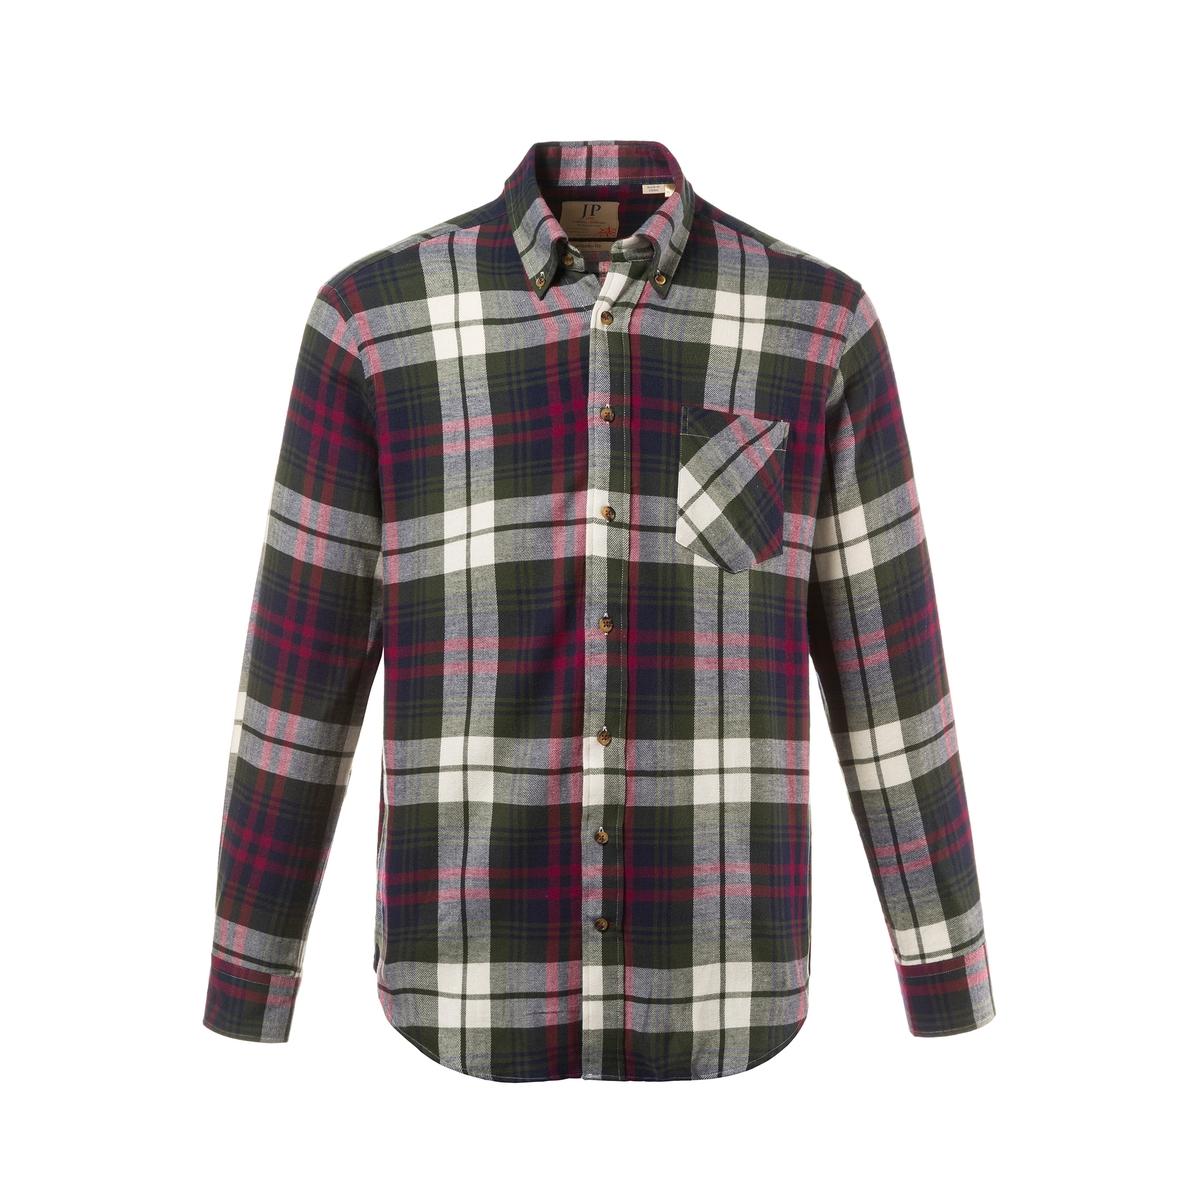 РубашкаРубашка в клетку с длинными рукавами. 100% хлопок.<br><br>Цвет: в клетку<br>Размер: L.7XL.6XL.3XL